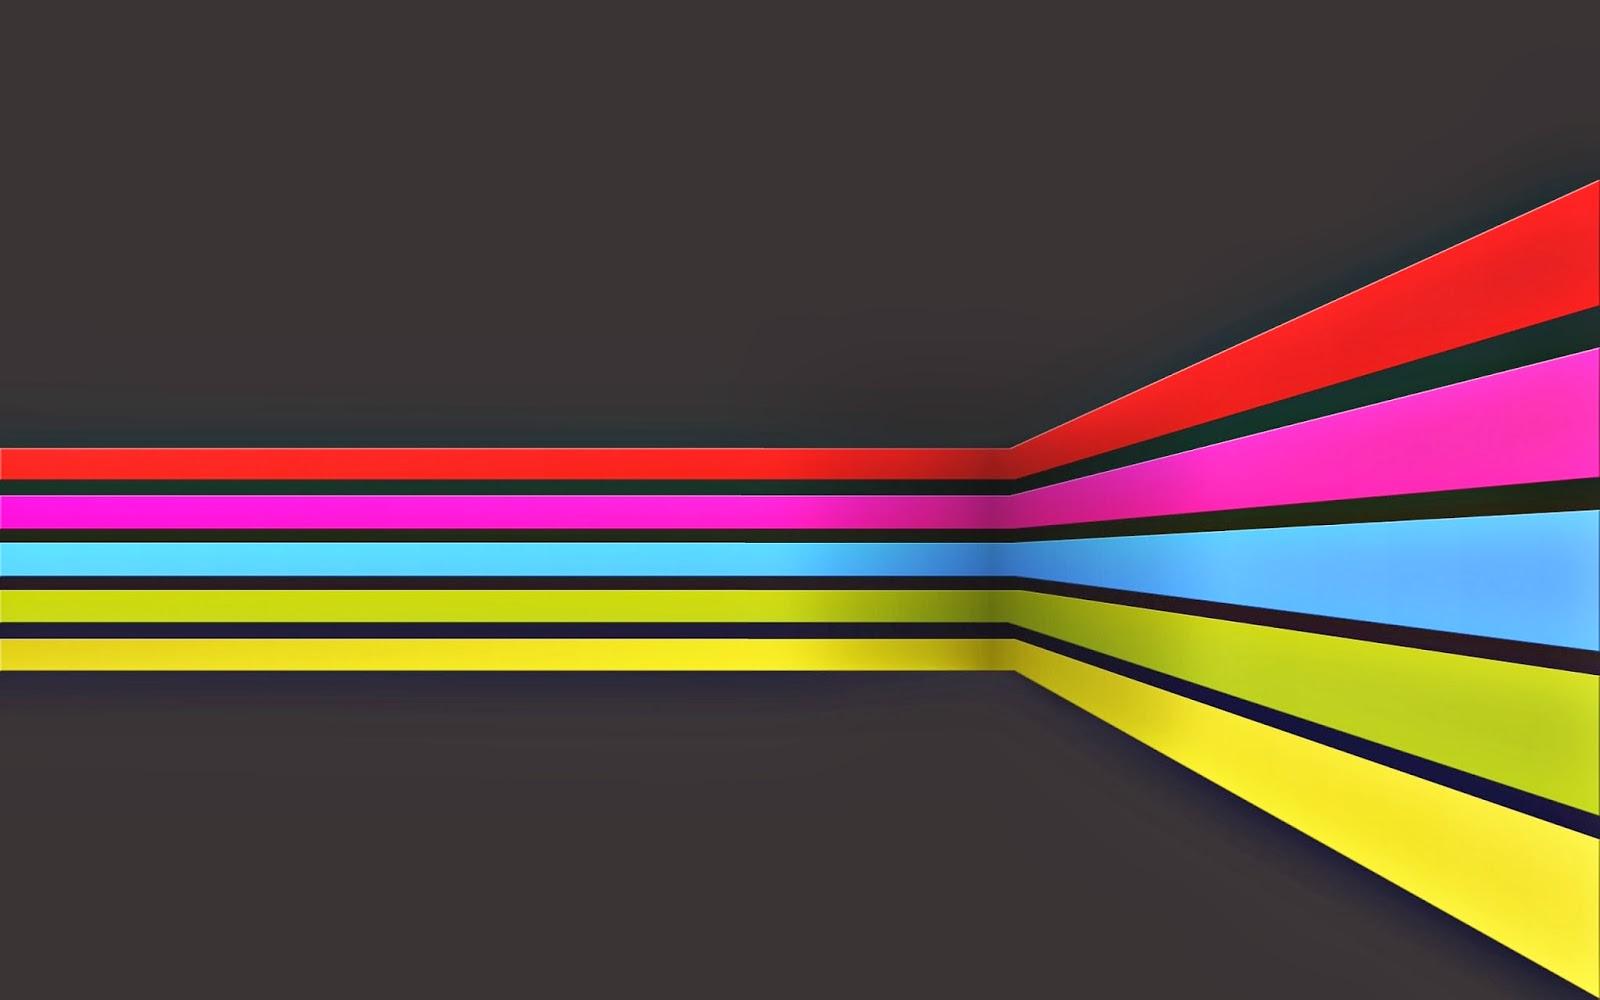 Fondo De Pantalla Abstracto Lineas De Colores Haciendo Esquina